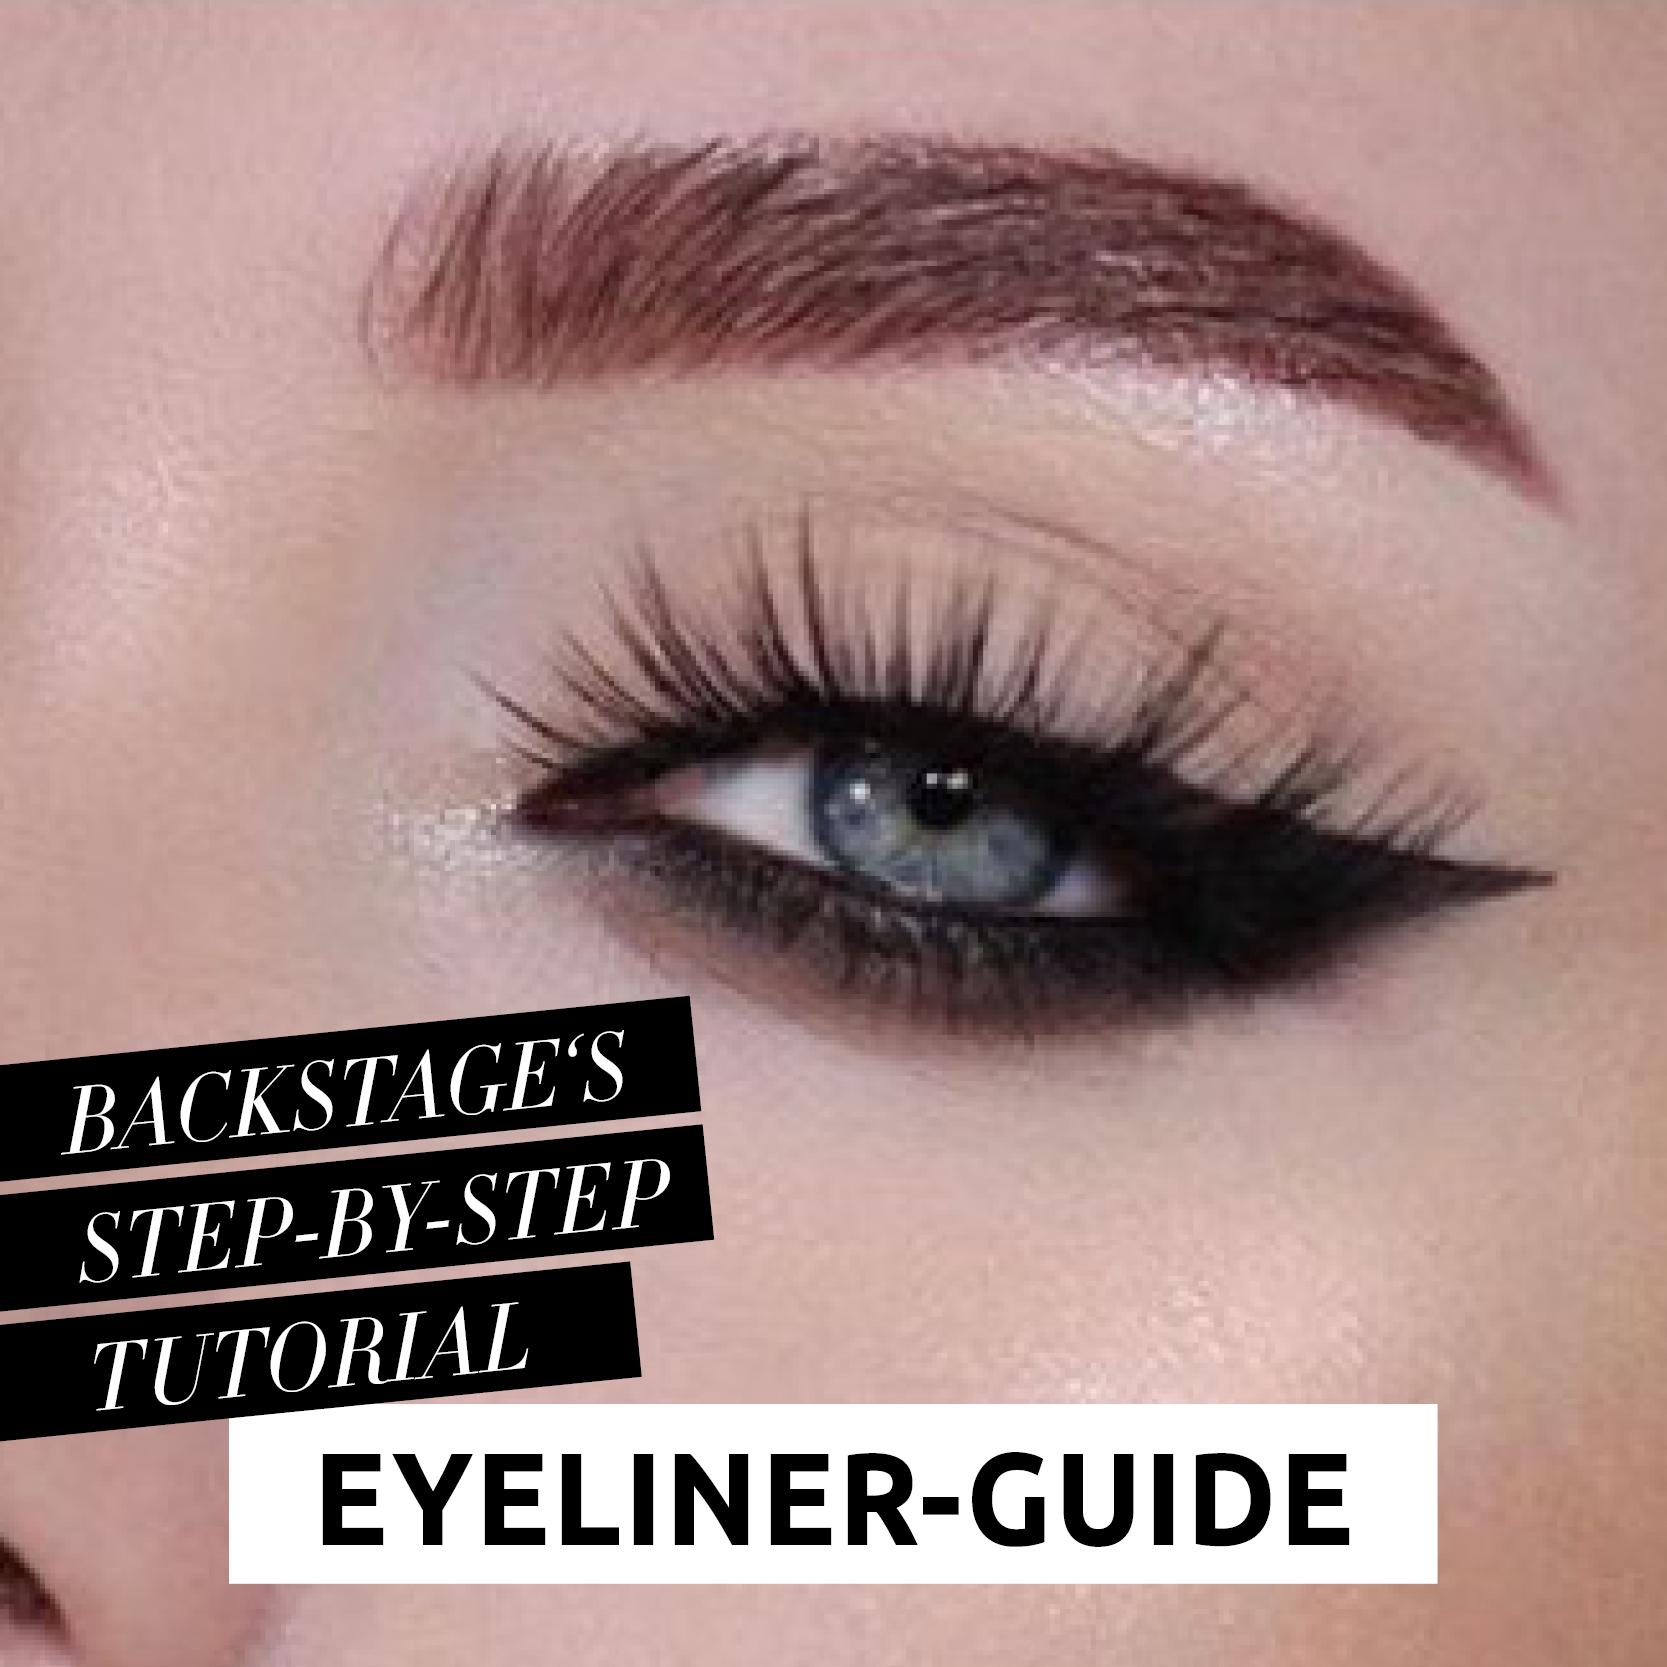 Wing Your Eyeliner - Eyeliner Guide